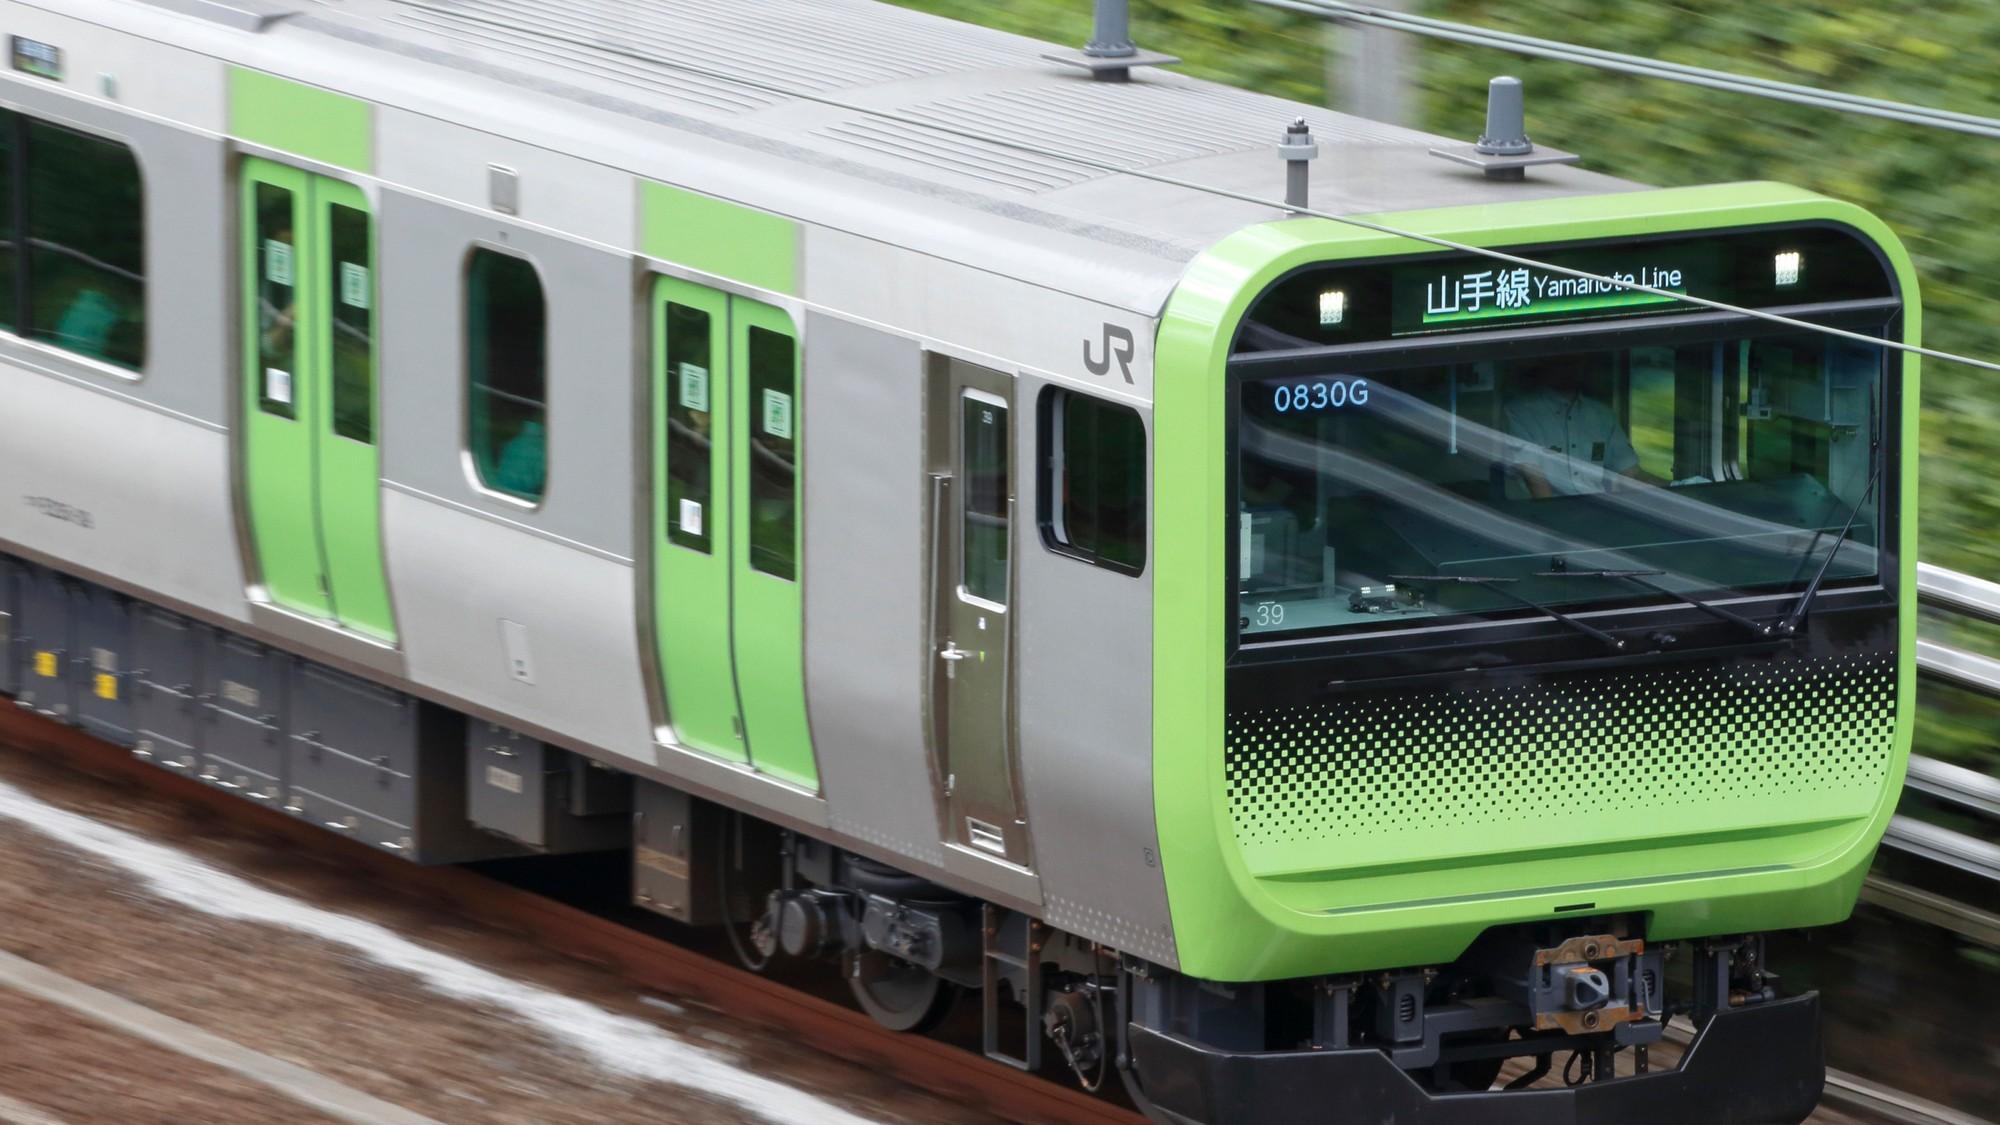 山手線、降りたことがない駅1位「駒込」平均家賃7万円の魅力